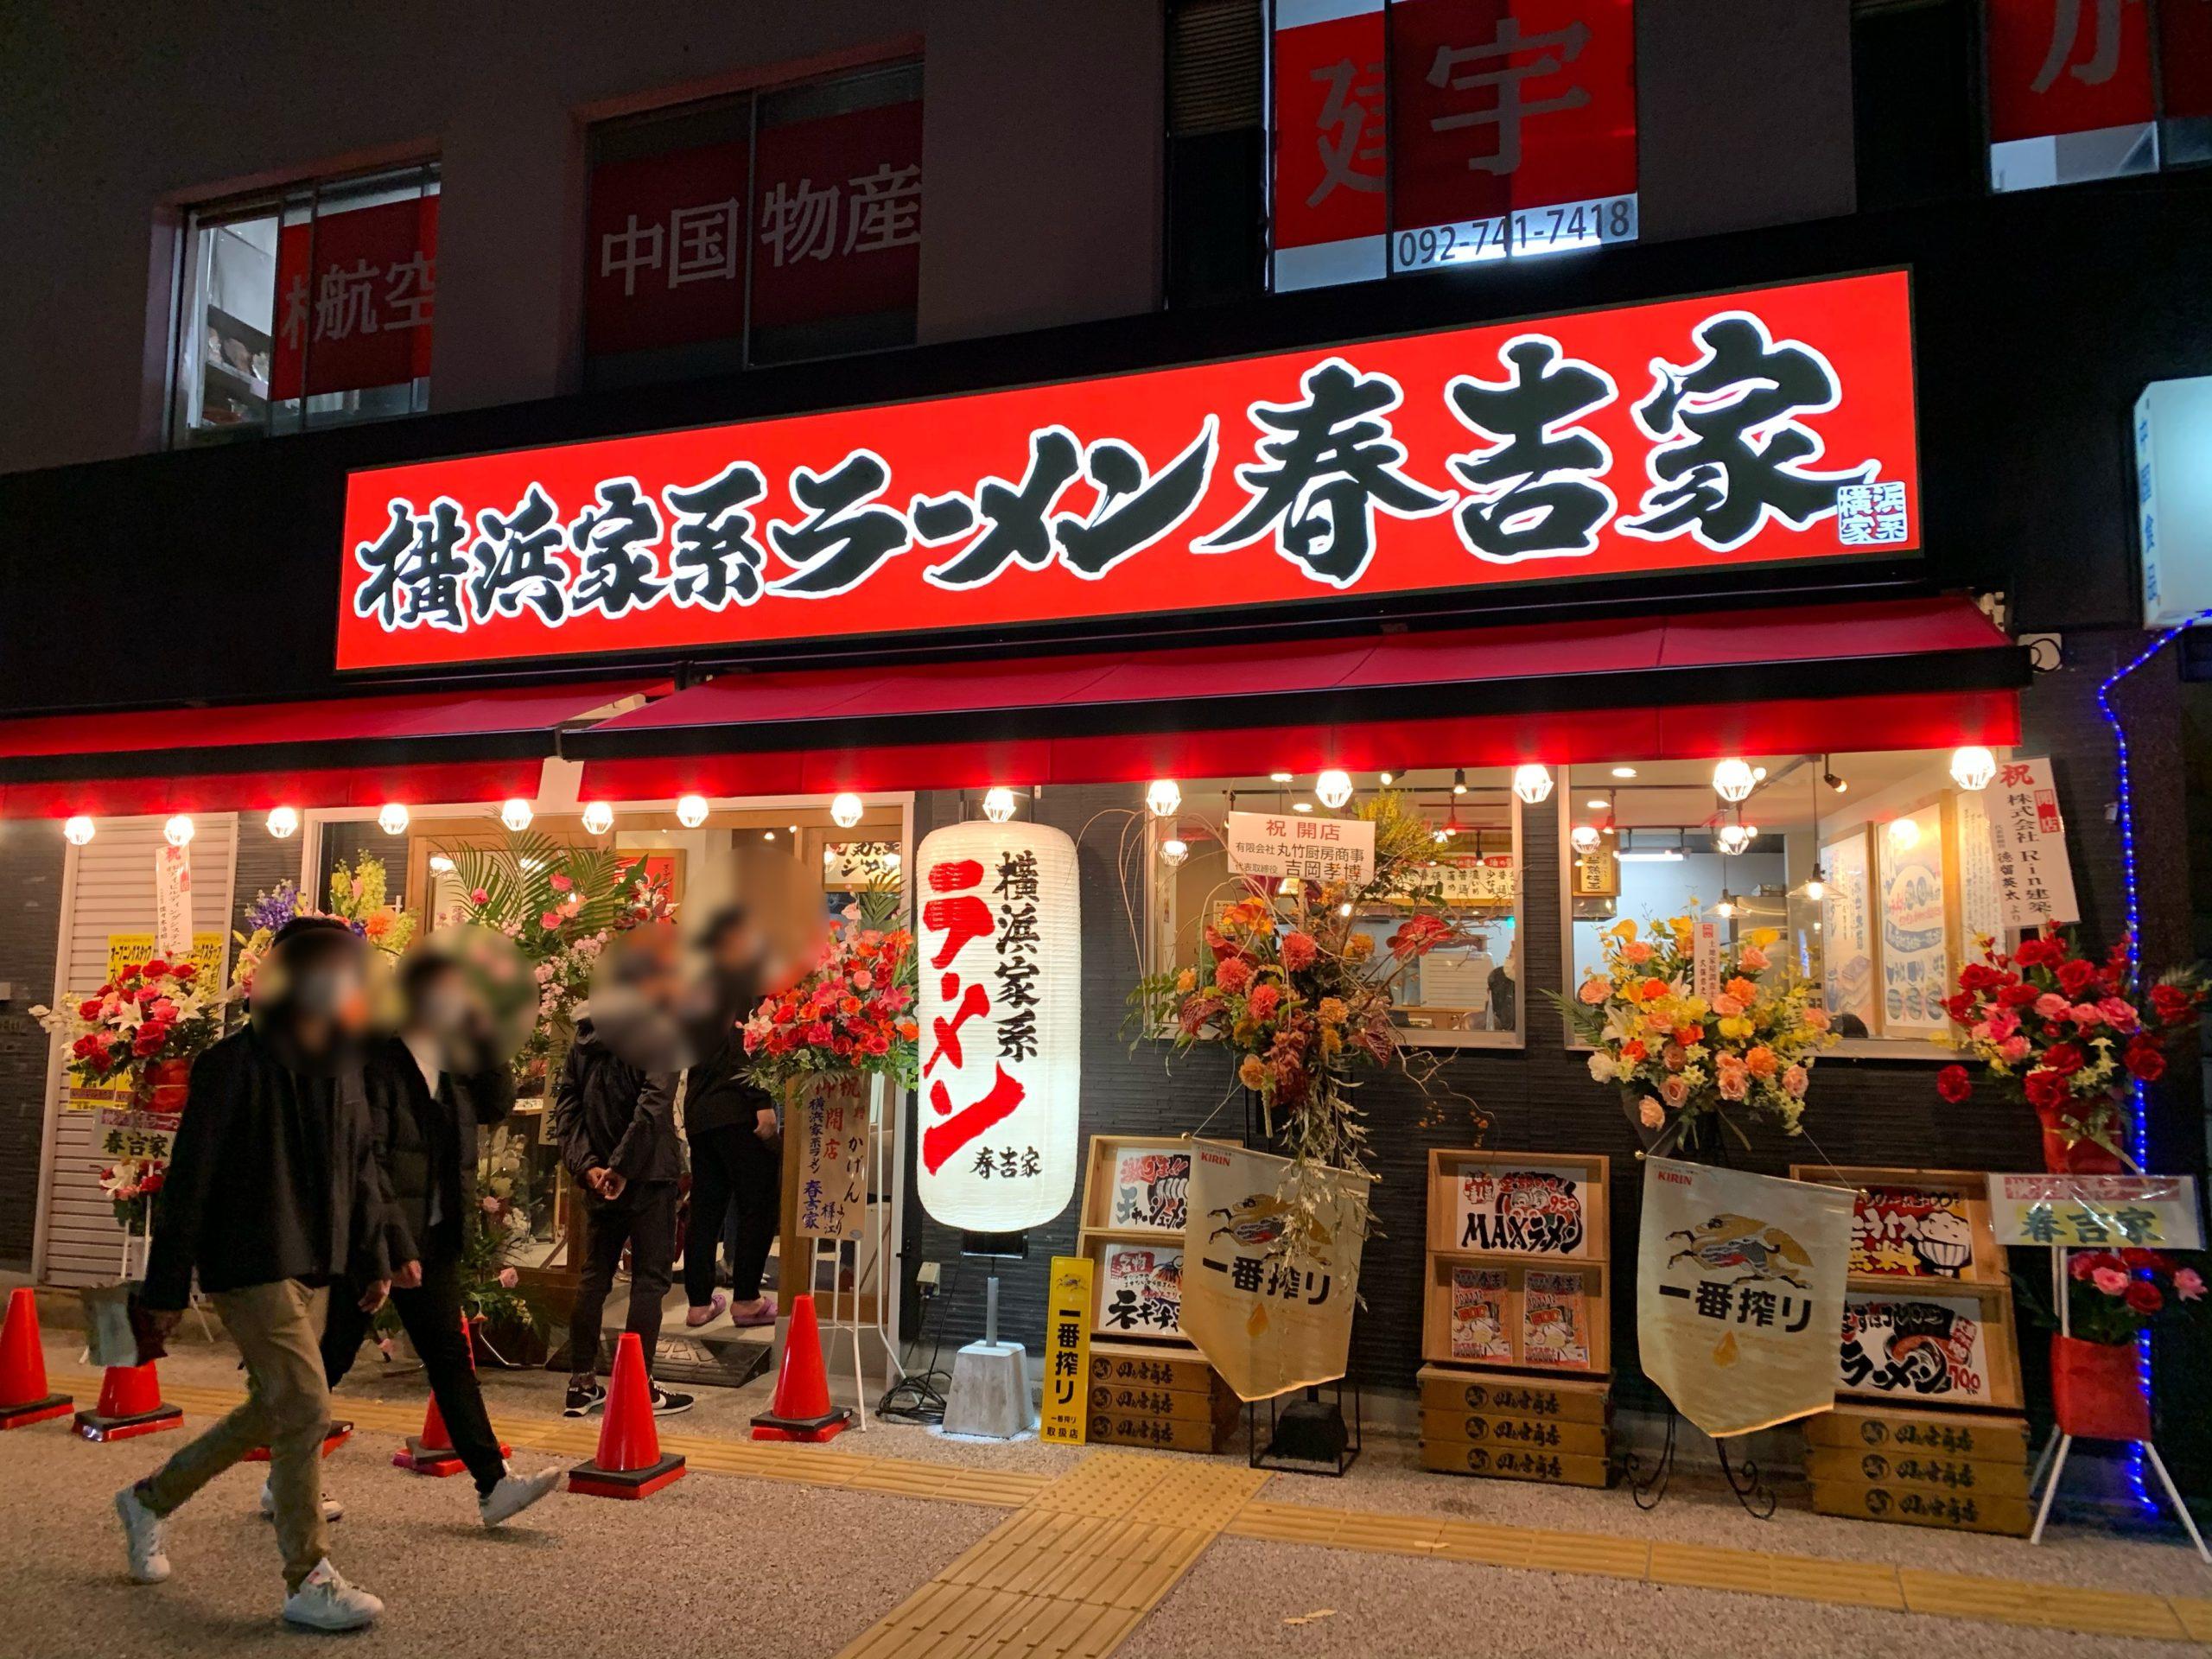 横浜家系ラーメン春吉家のお店の外観